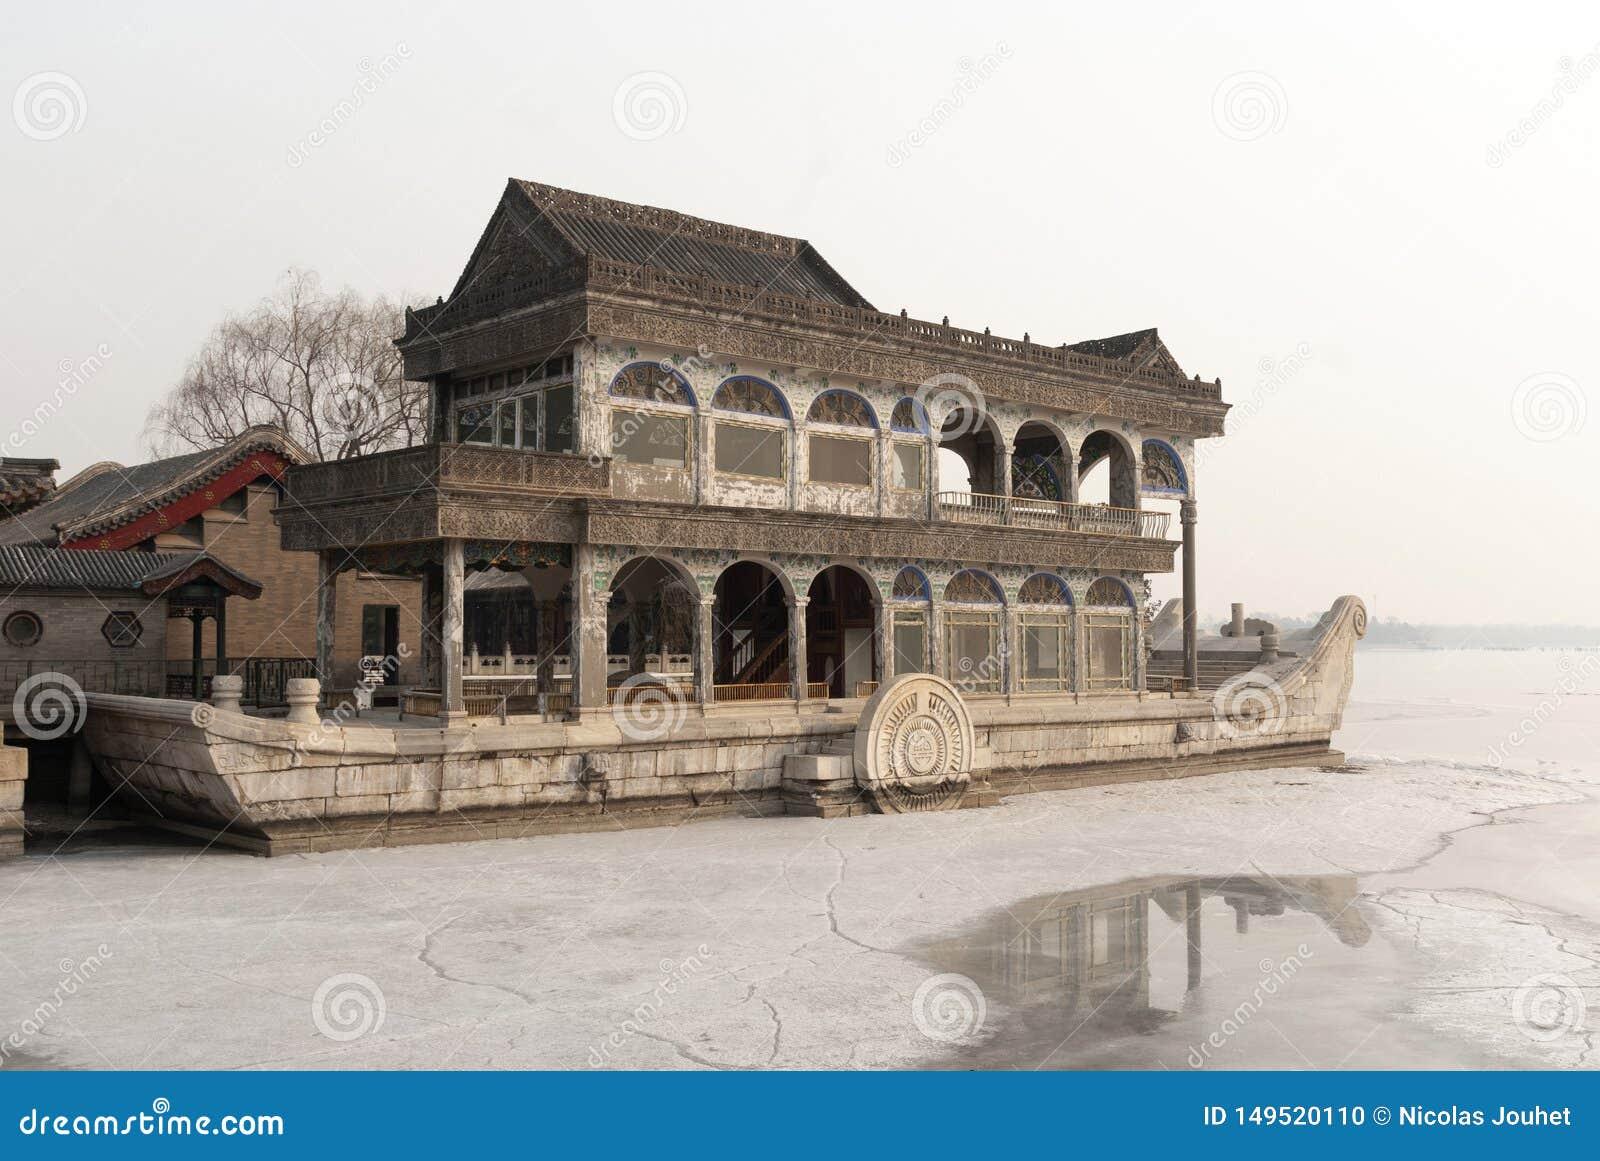 Barco del m?rmol del palacio de verano durante invierno